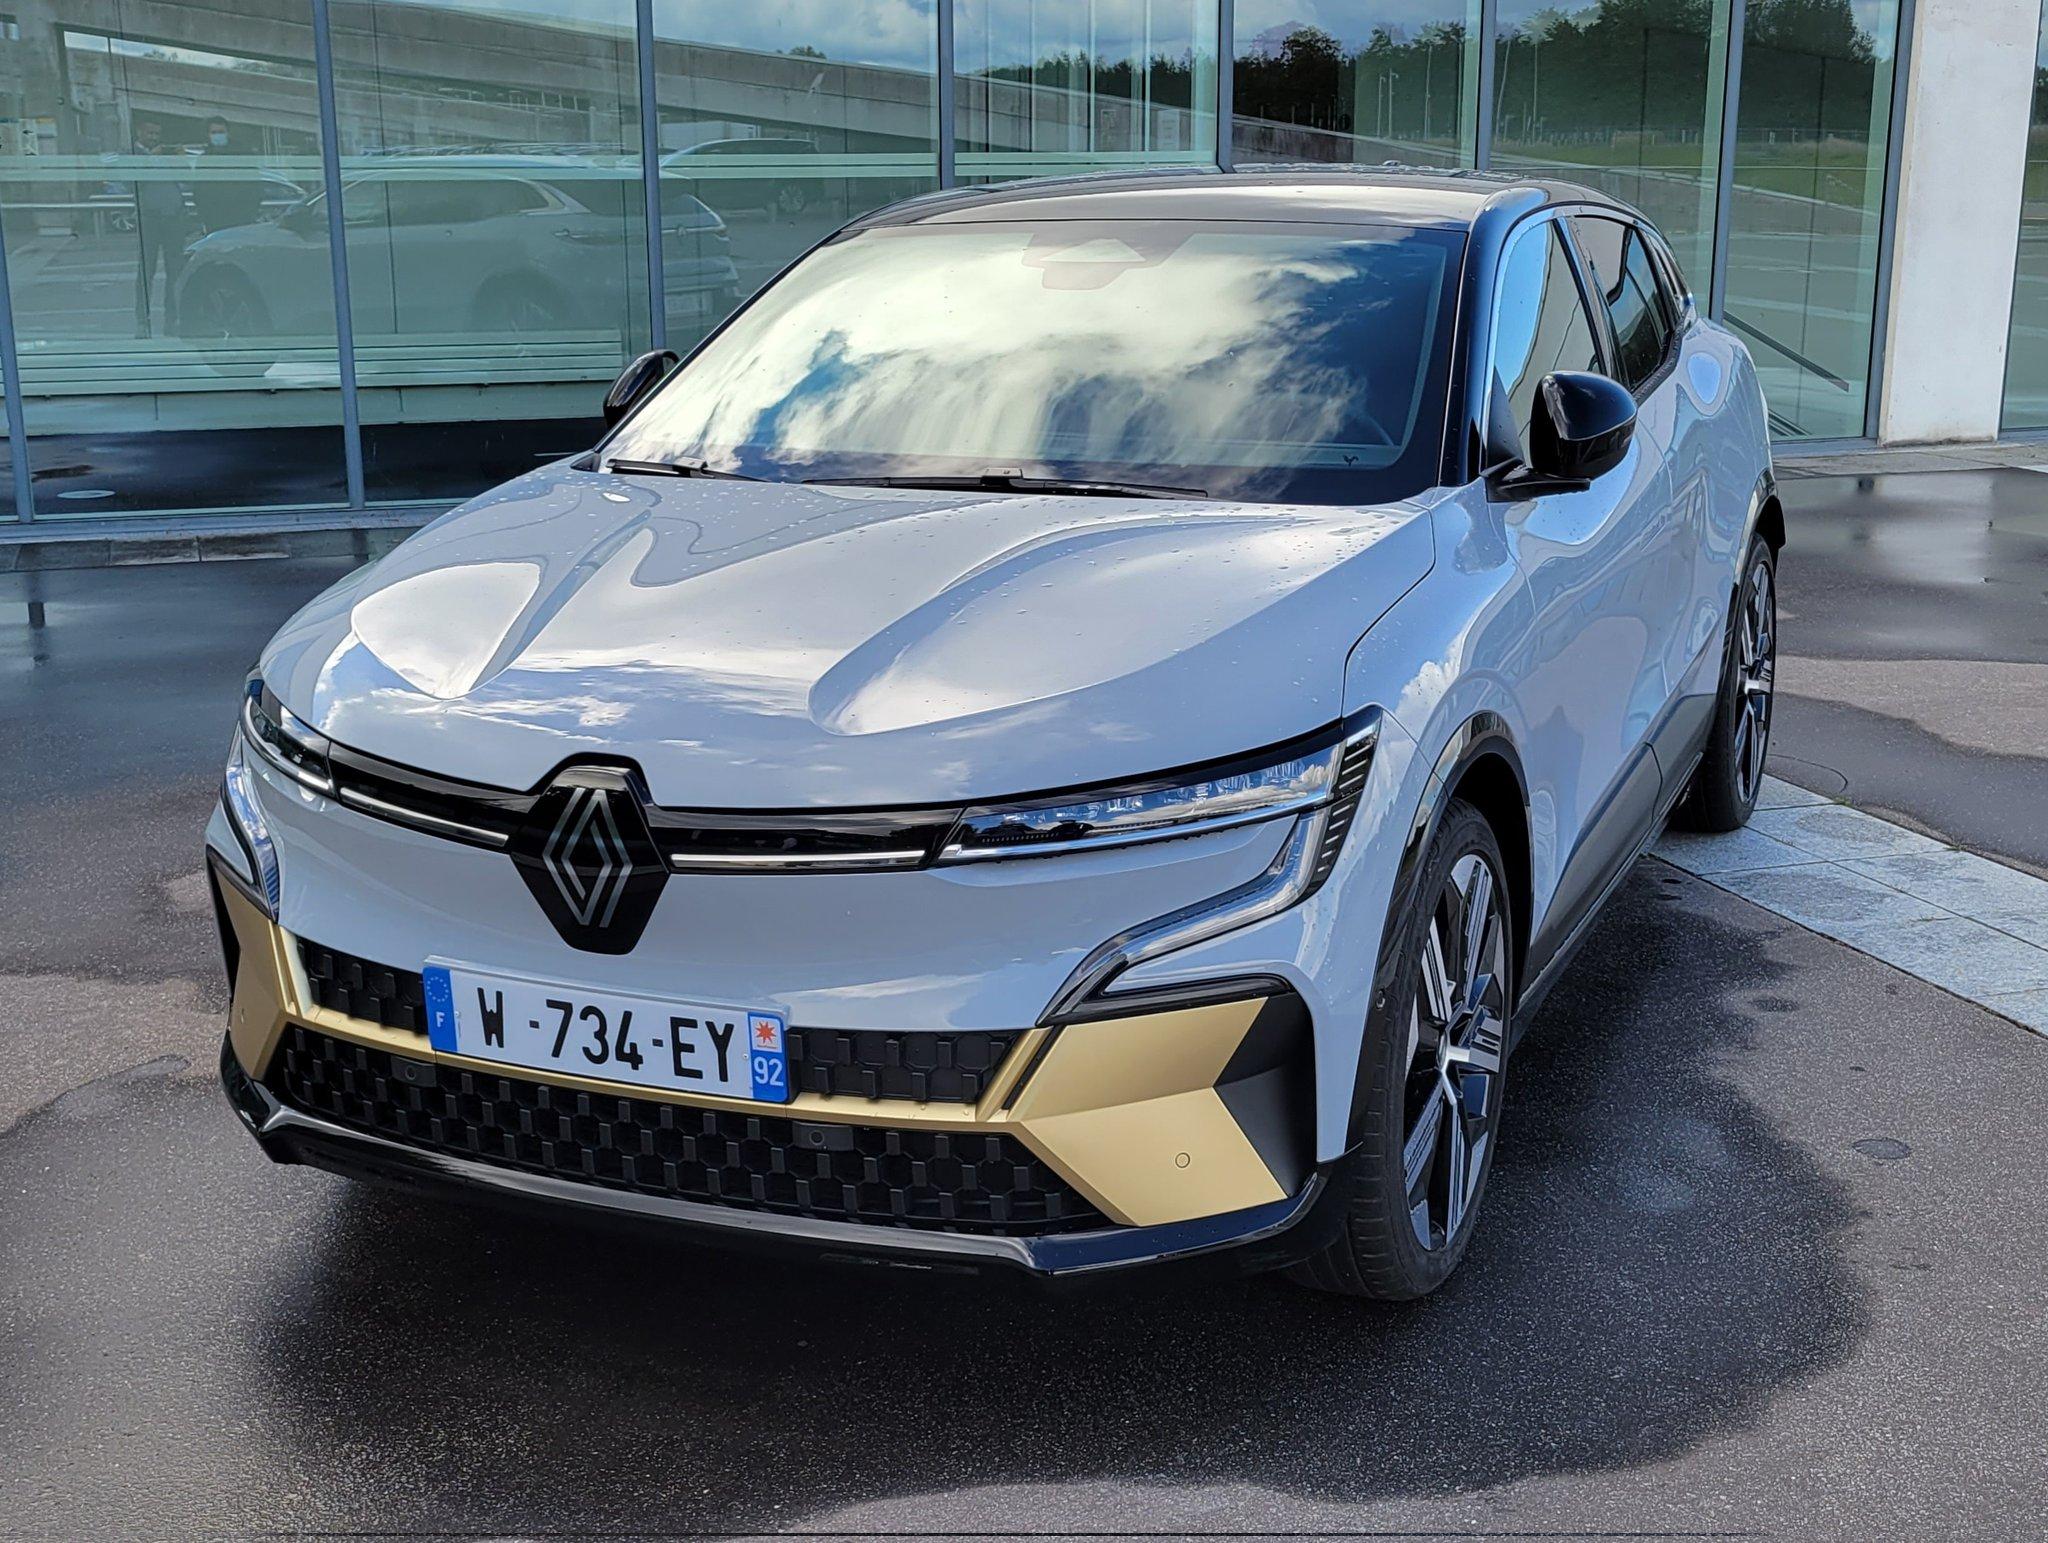 2021 - [Renault] Mégane E-Tech Electric [BCB] - Page 14 FBADaxPVgAUmUjm?format=jpg&name=large